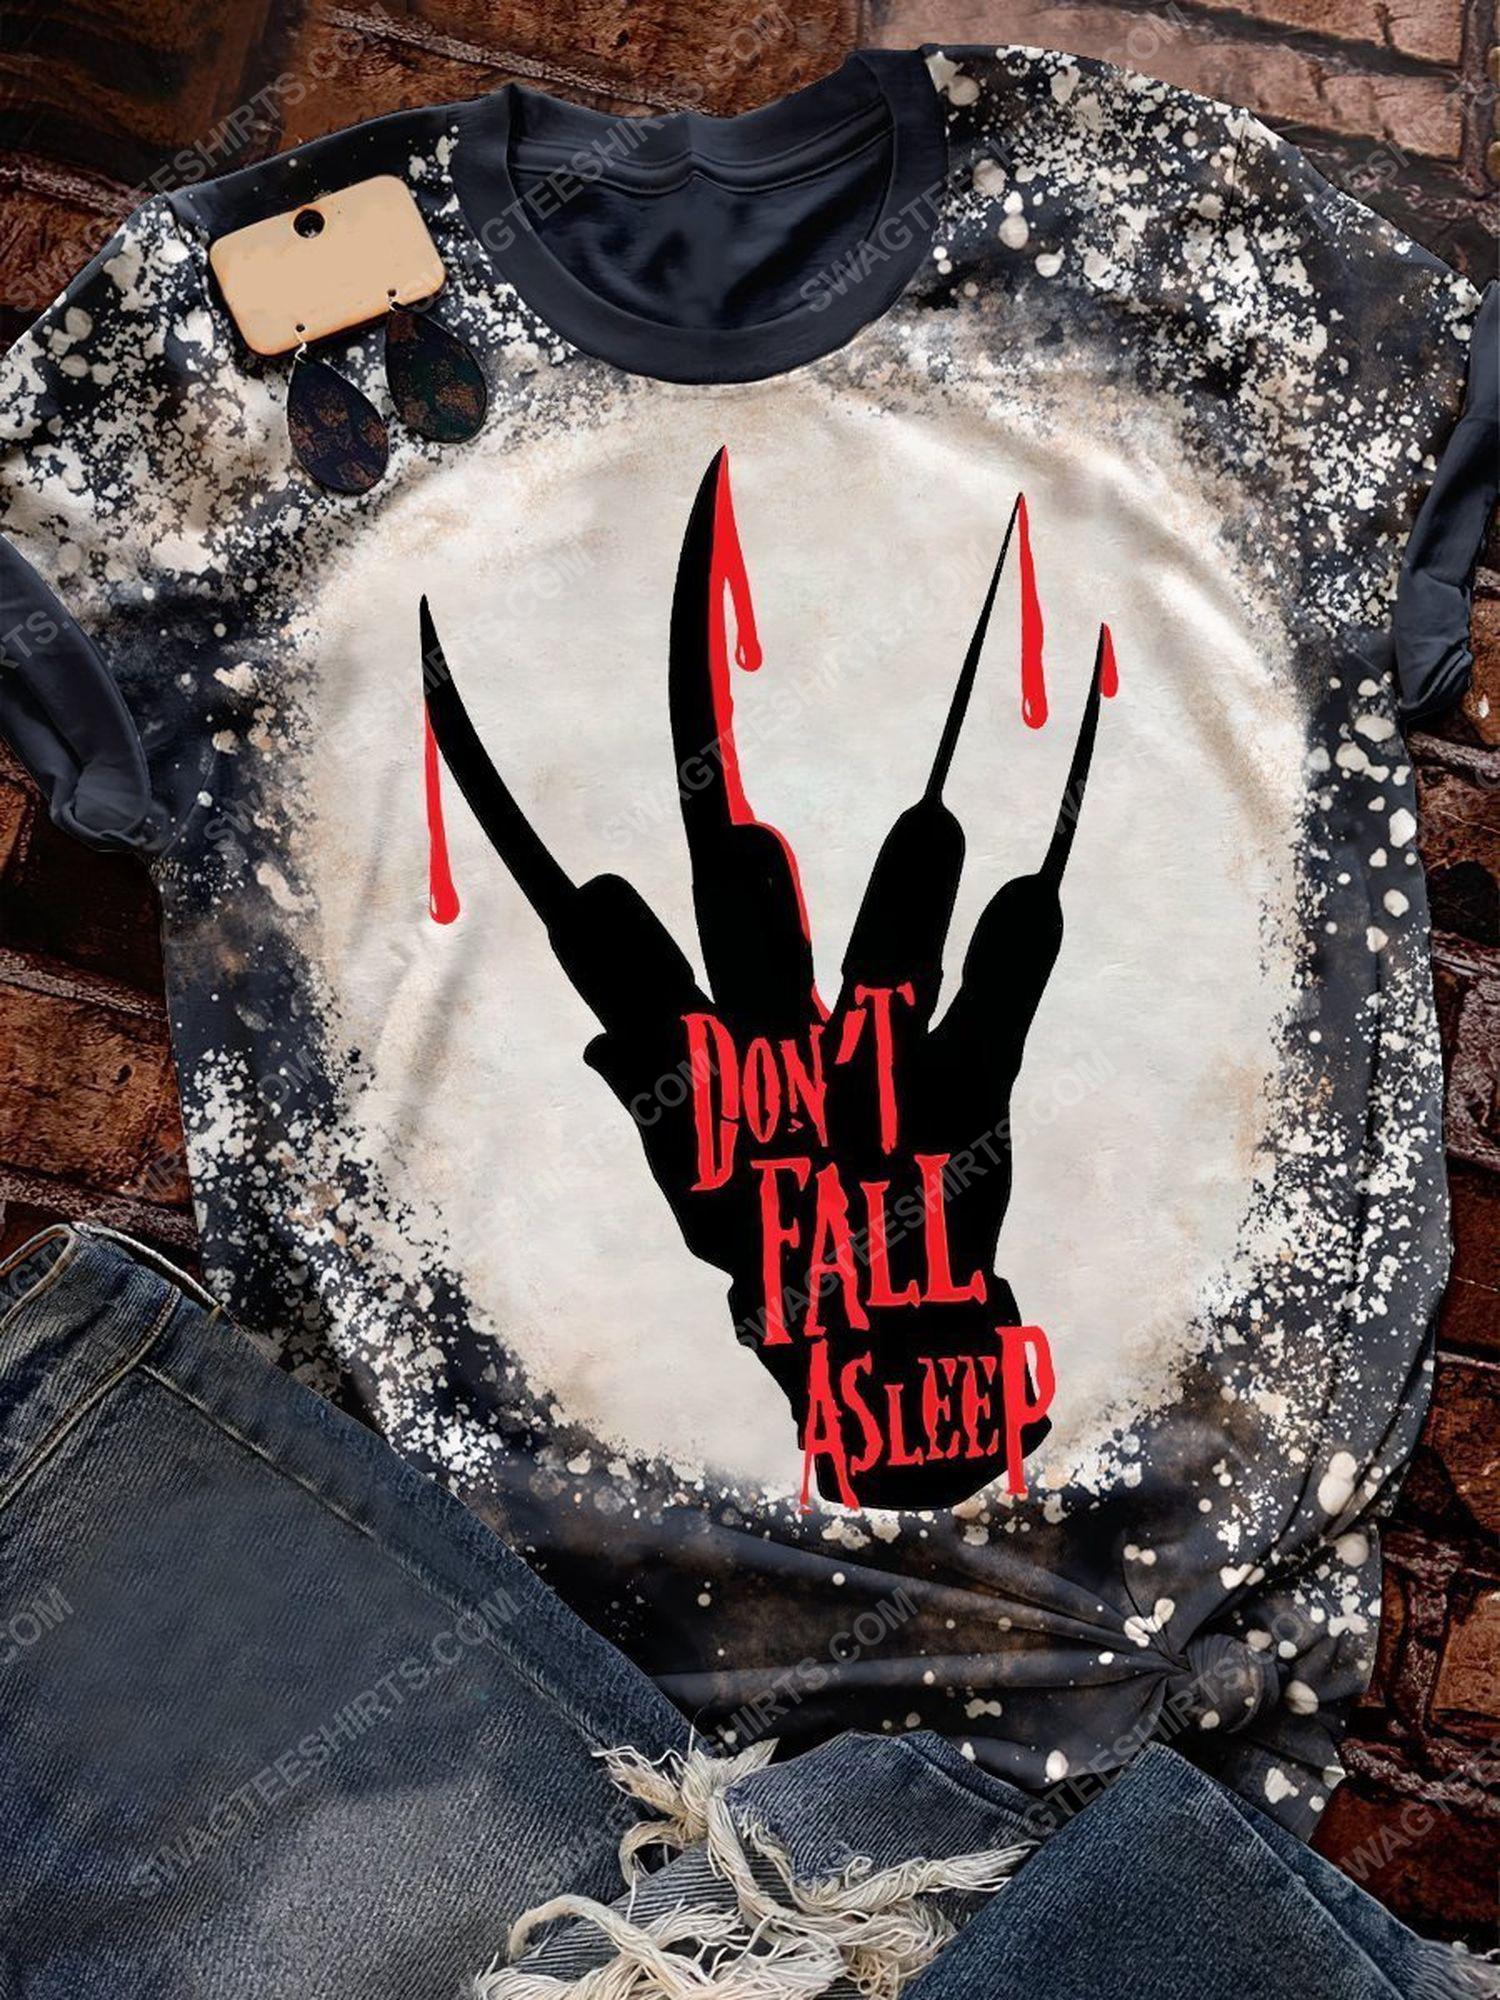 Halloween freddy krueger don't fall asleep bleached shirt 1 - Copy (3)